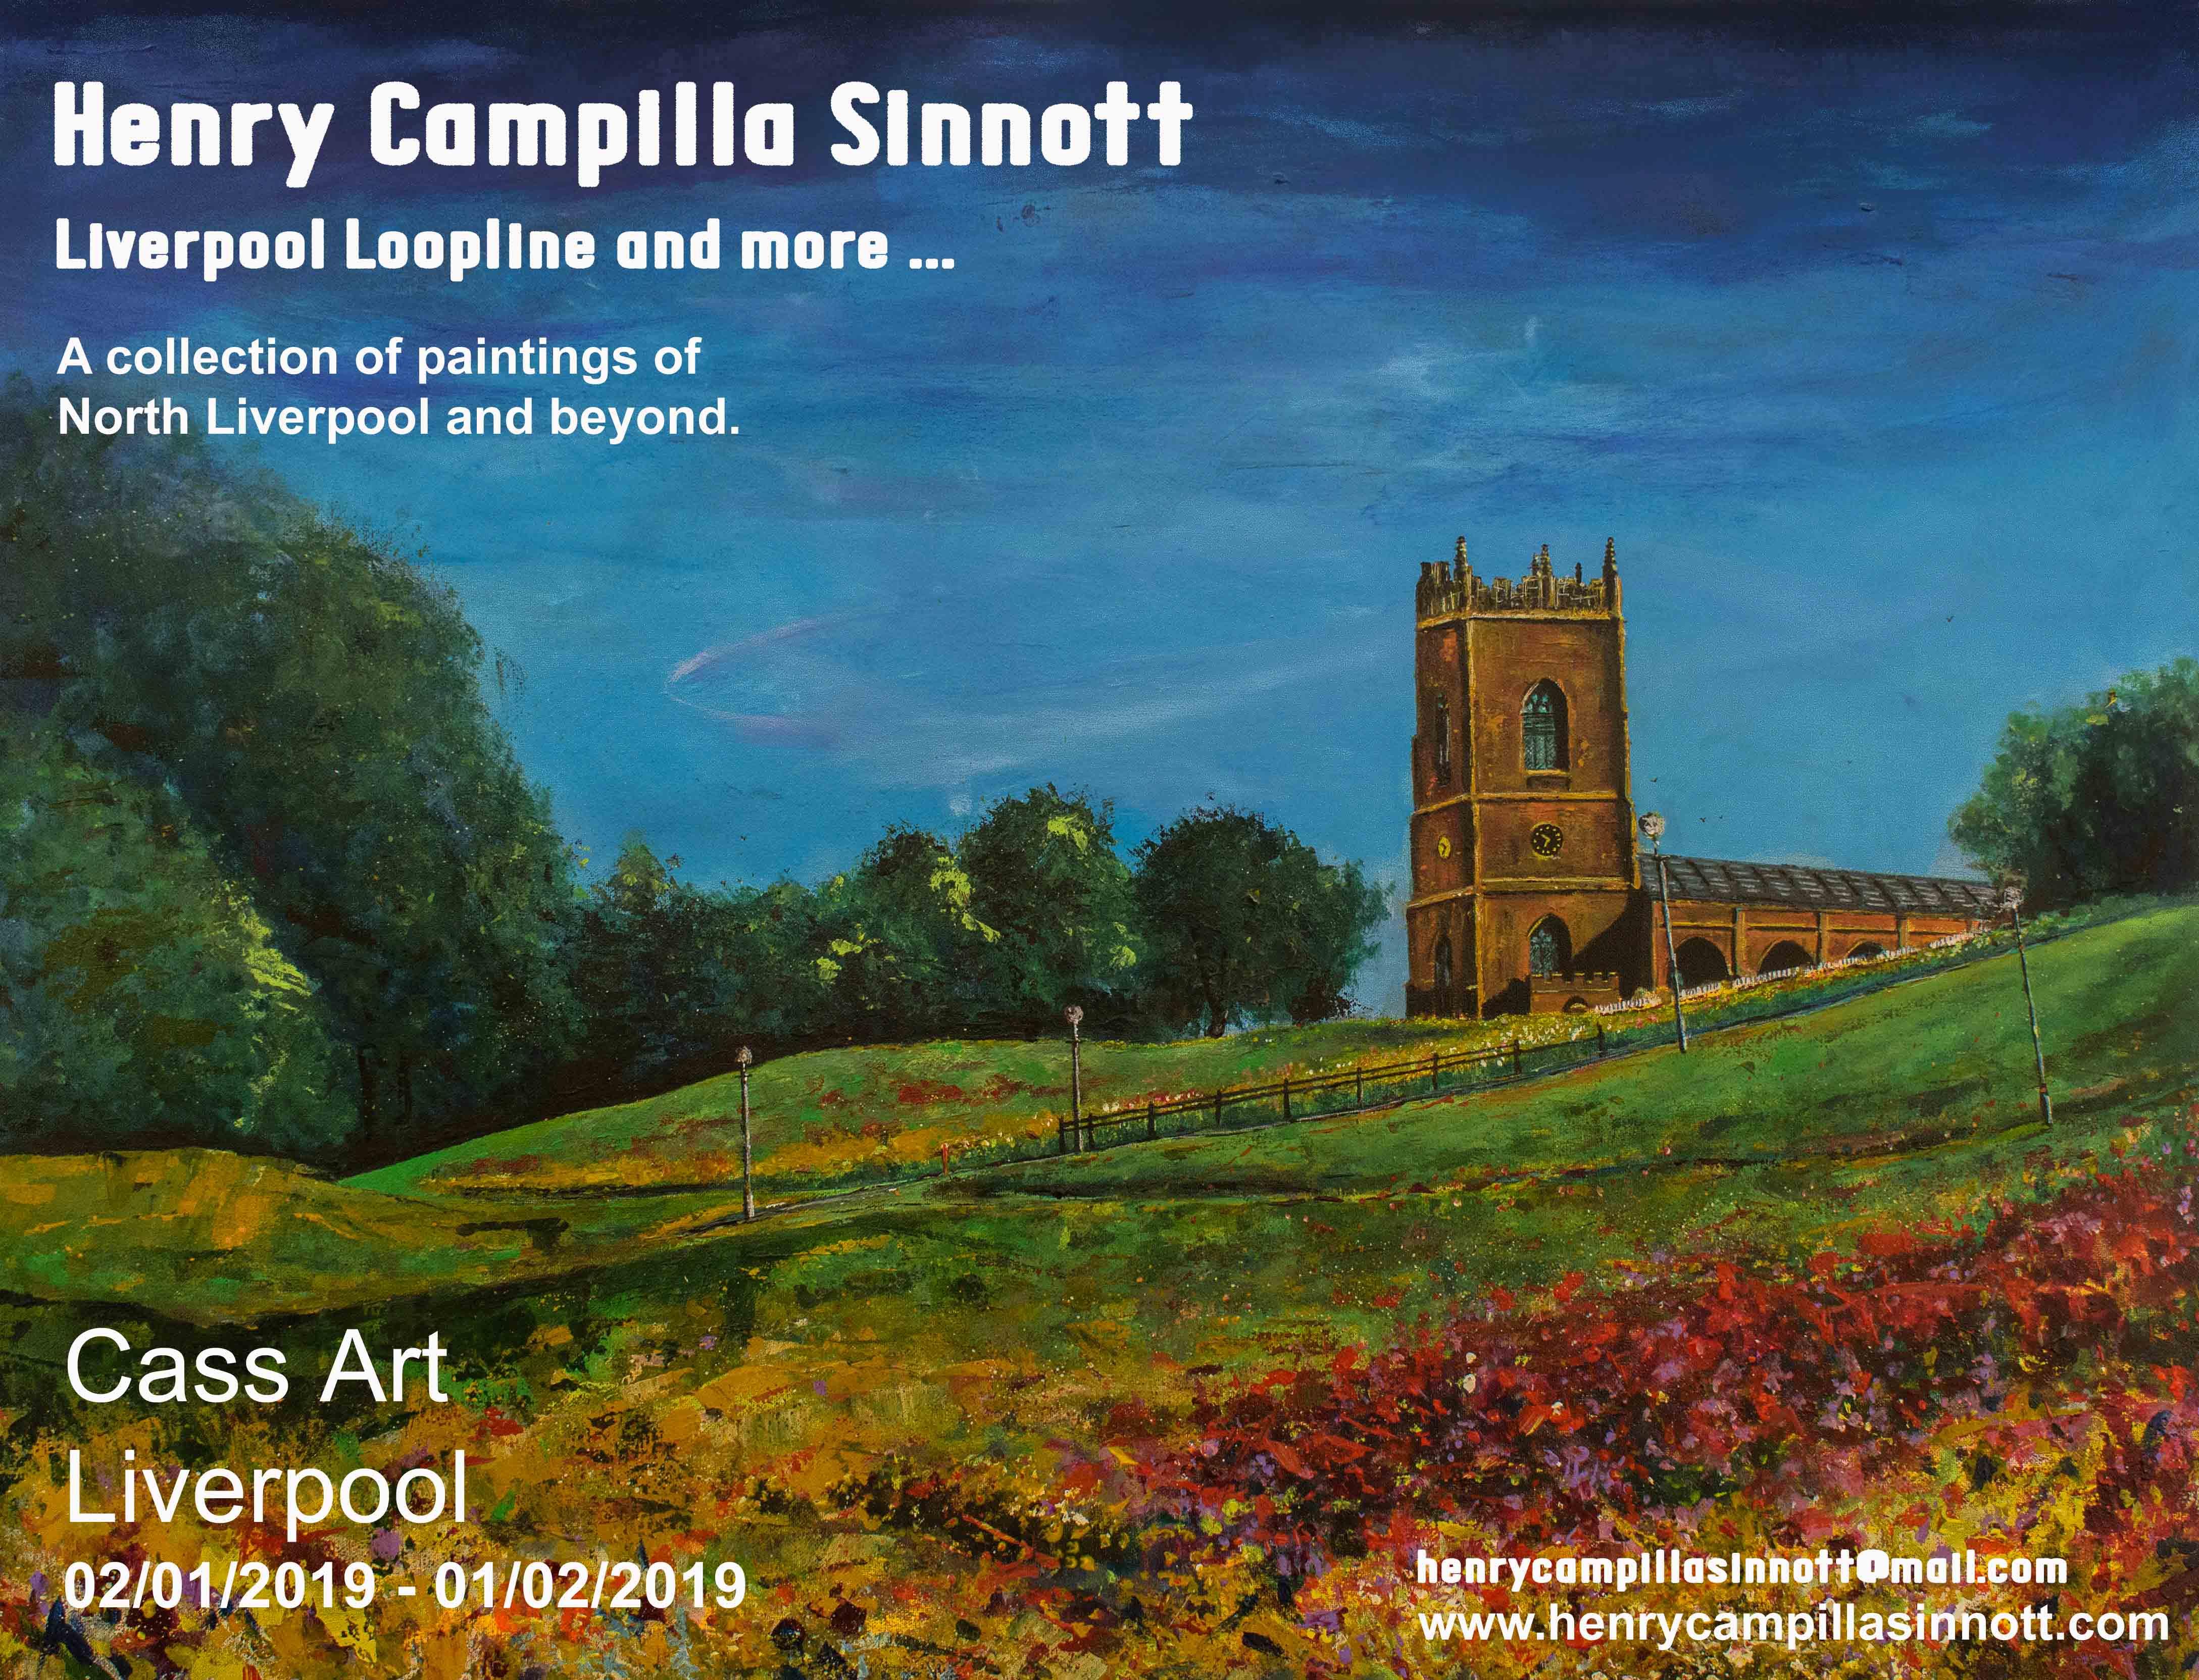 Cass Art: Henry Campilla Sinnott: Liverpool Loopline and more